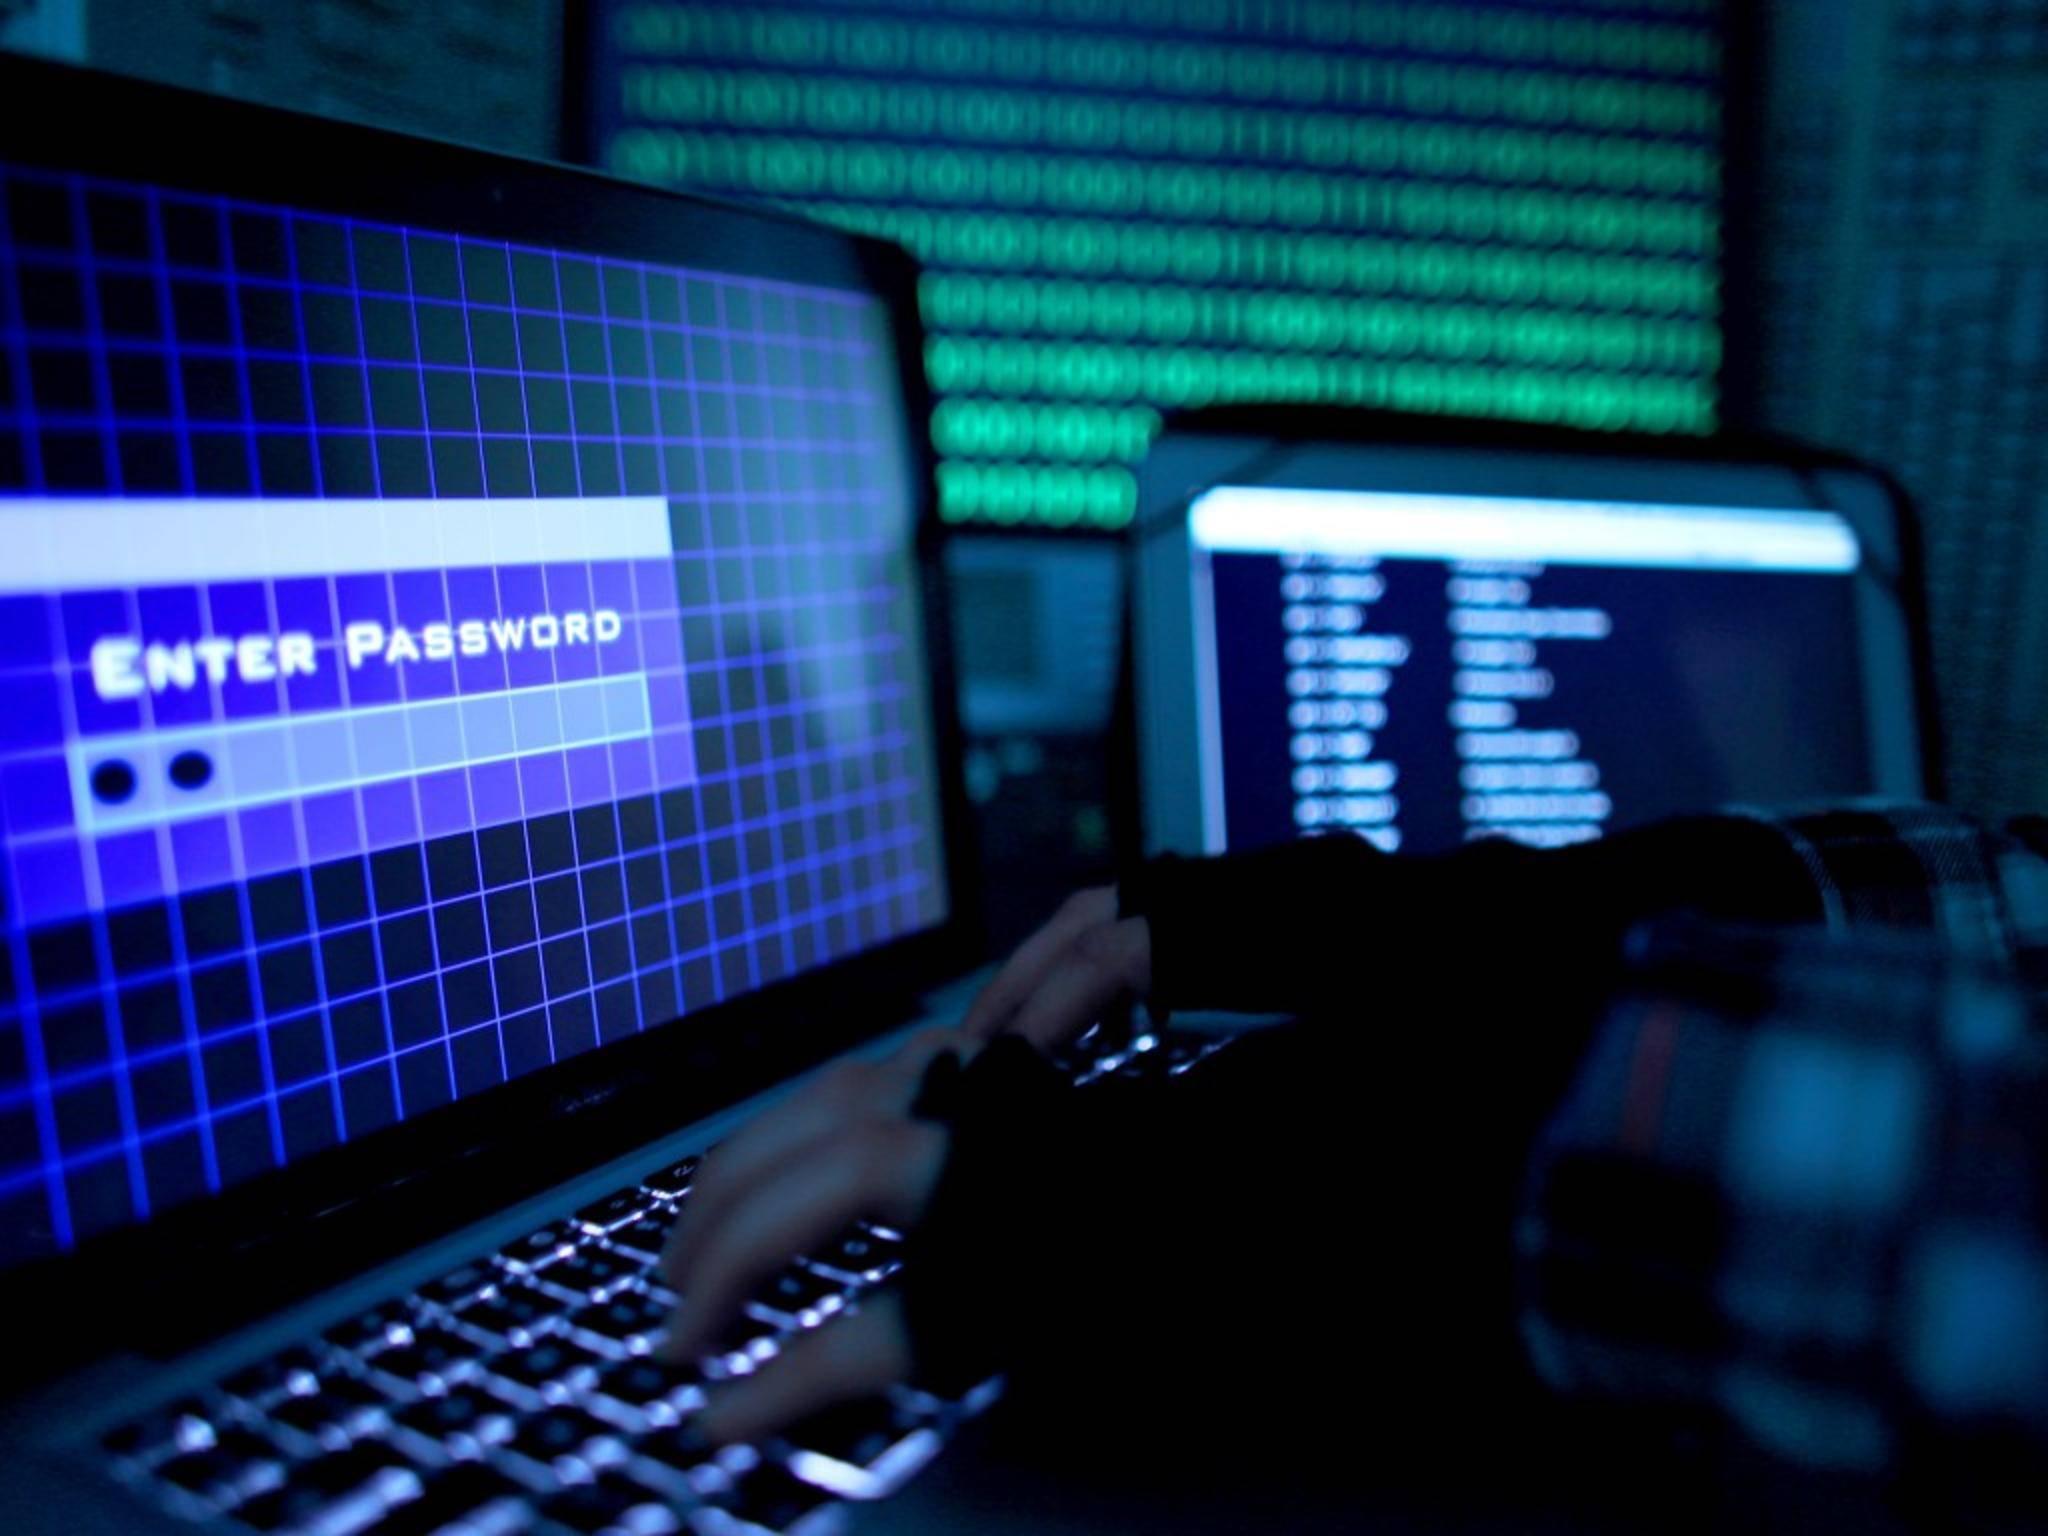 Eine Website verrät Dir, wie sicher Deine Passwörter sind.